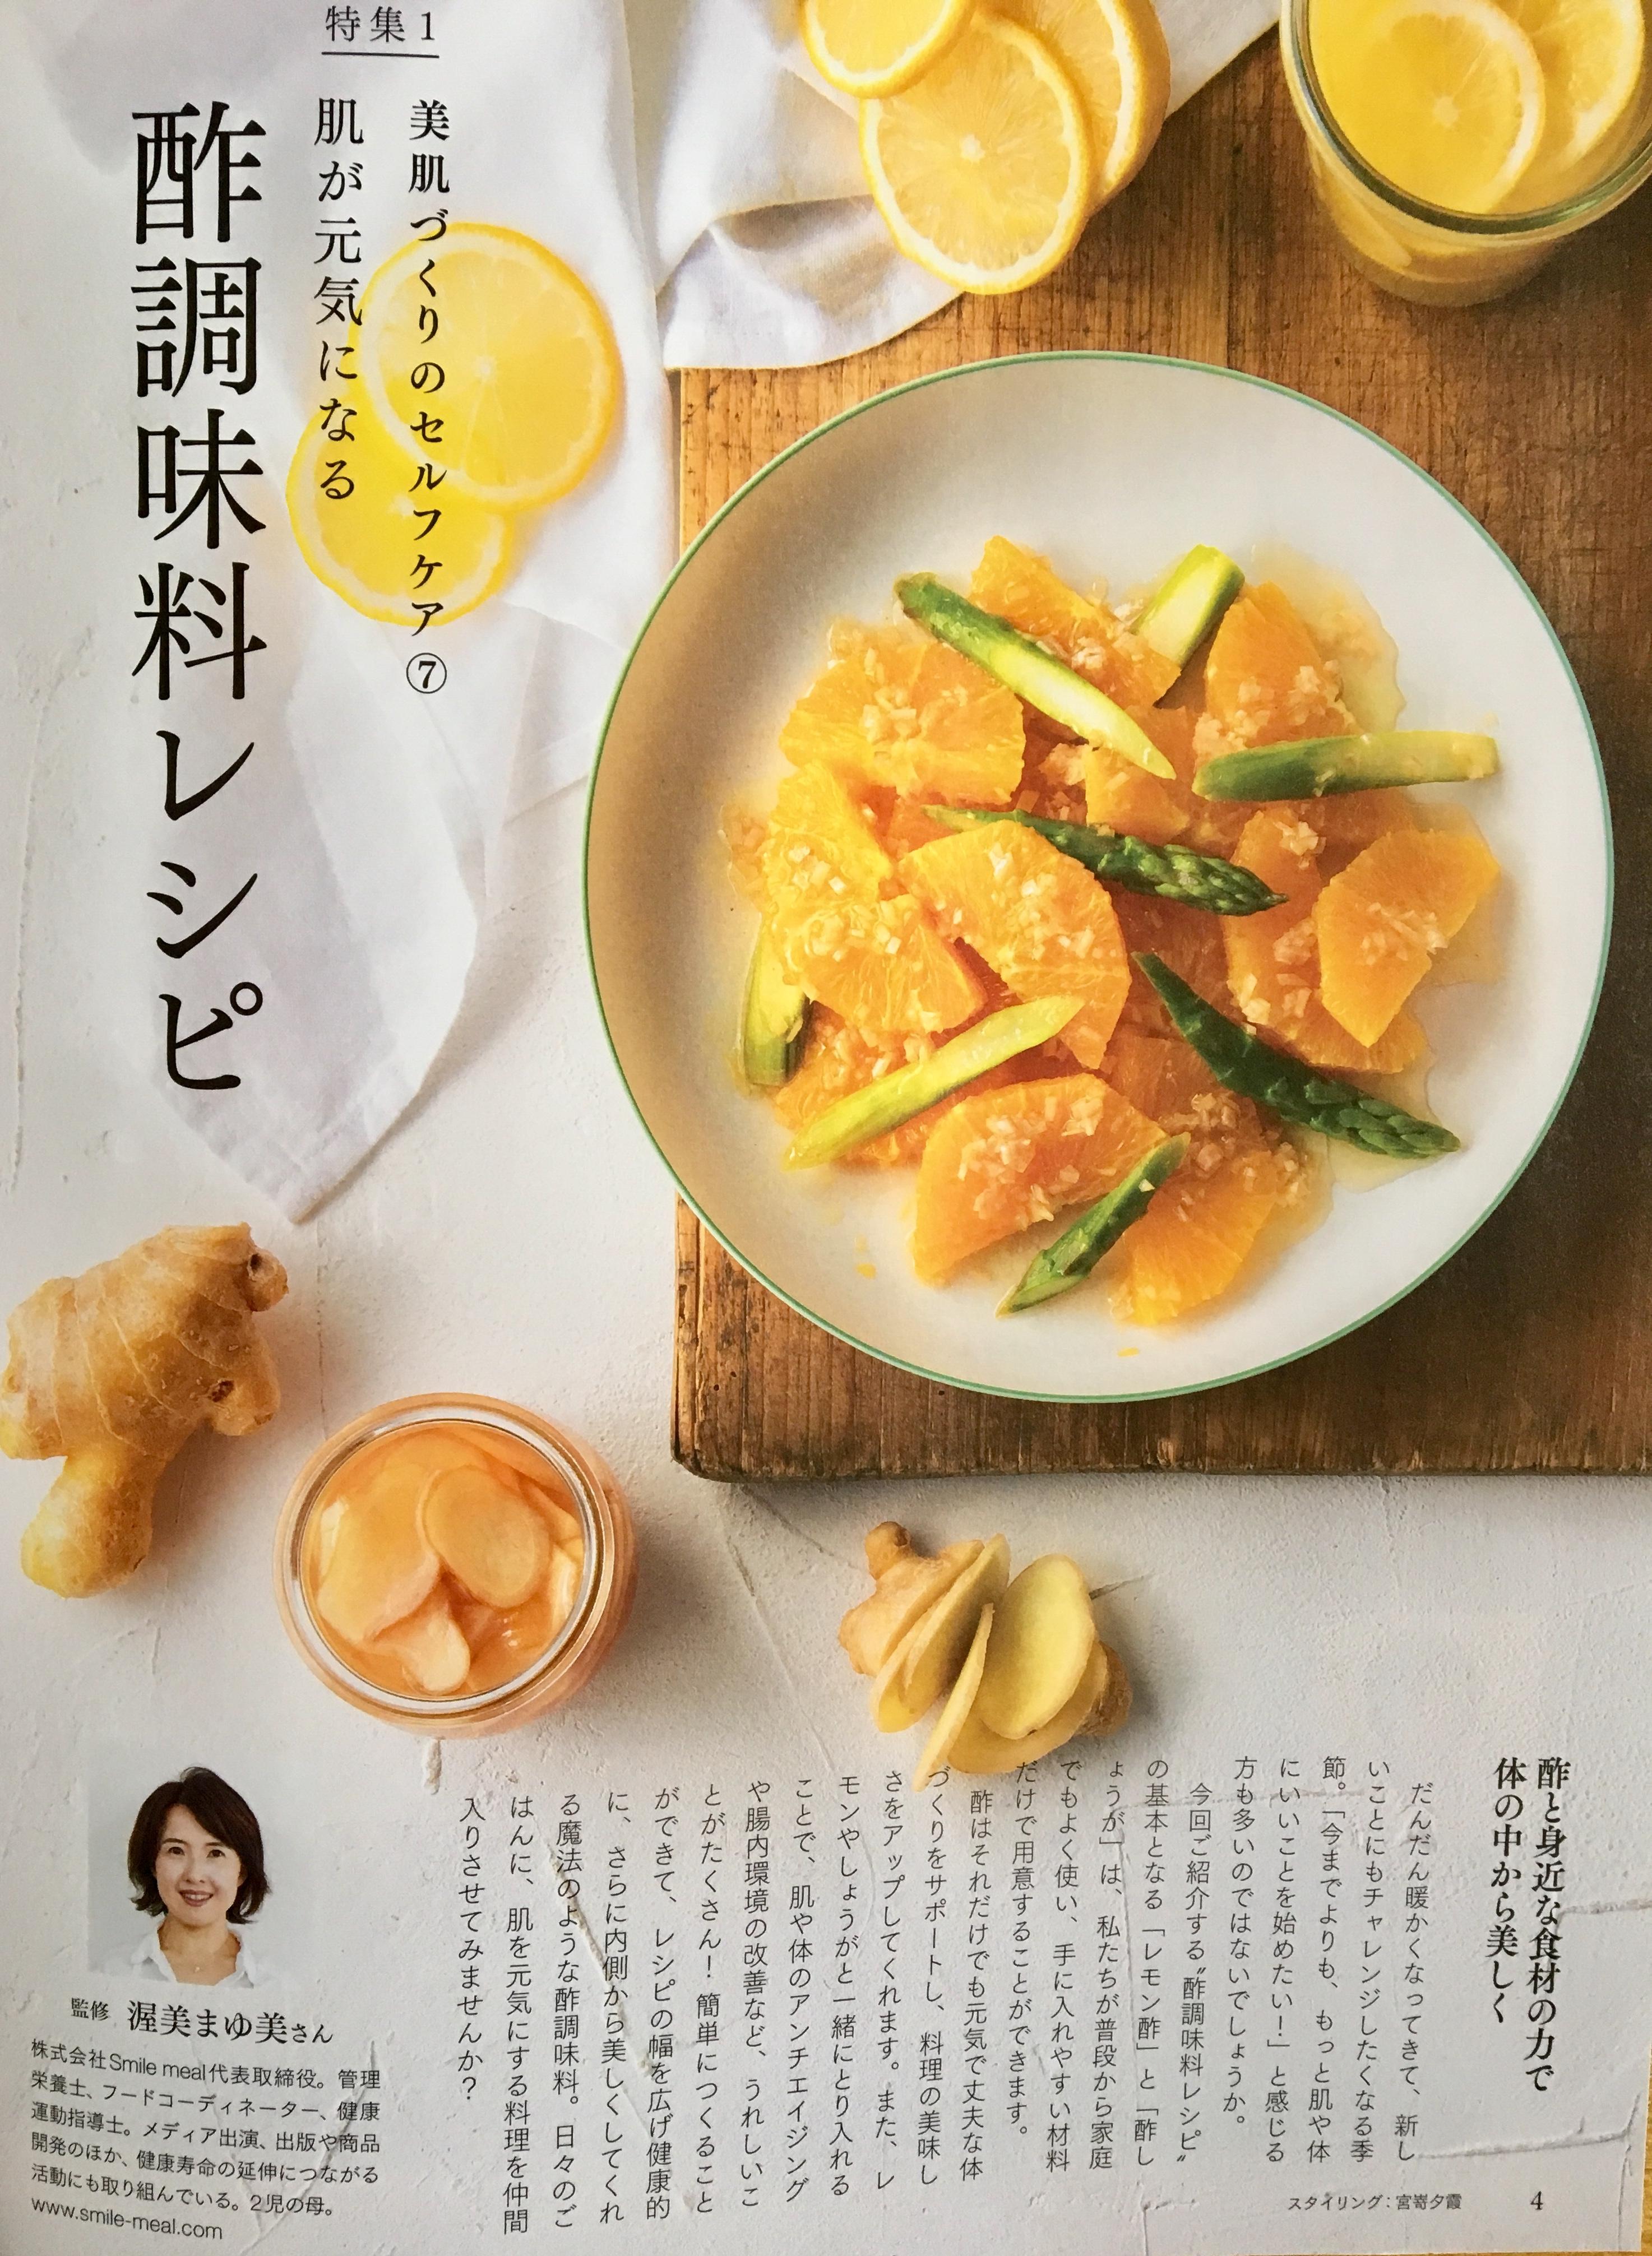 【掲載】酢調味料レシピ;デルメット通信&ランニングセミナー